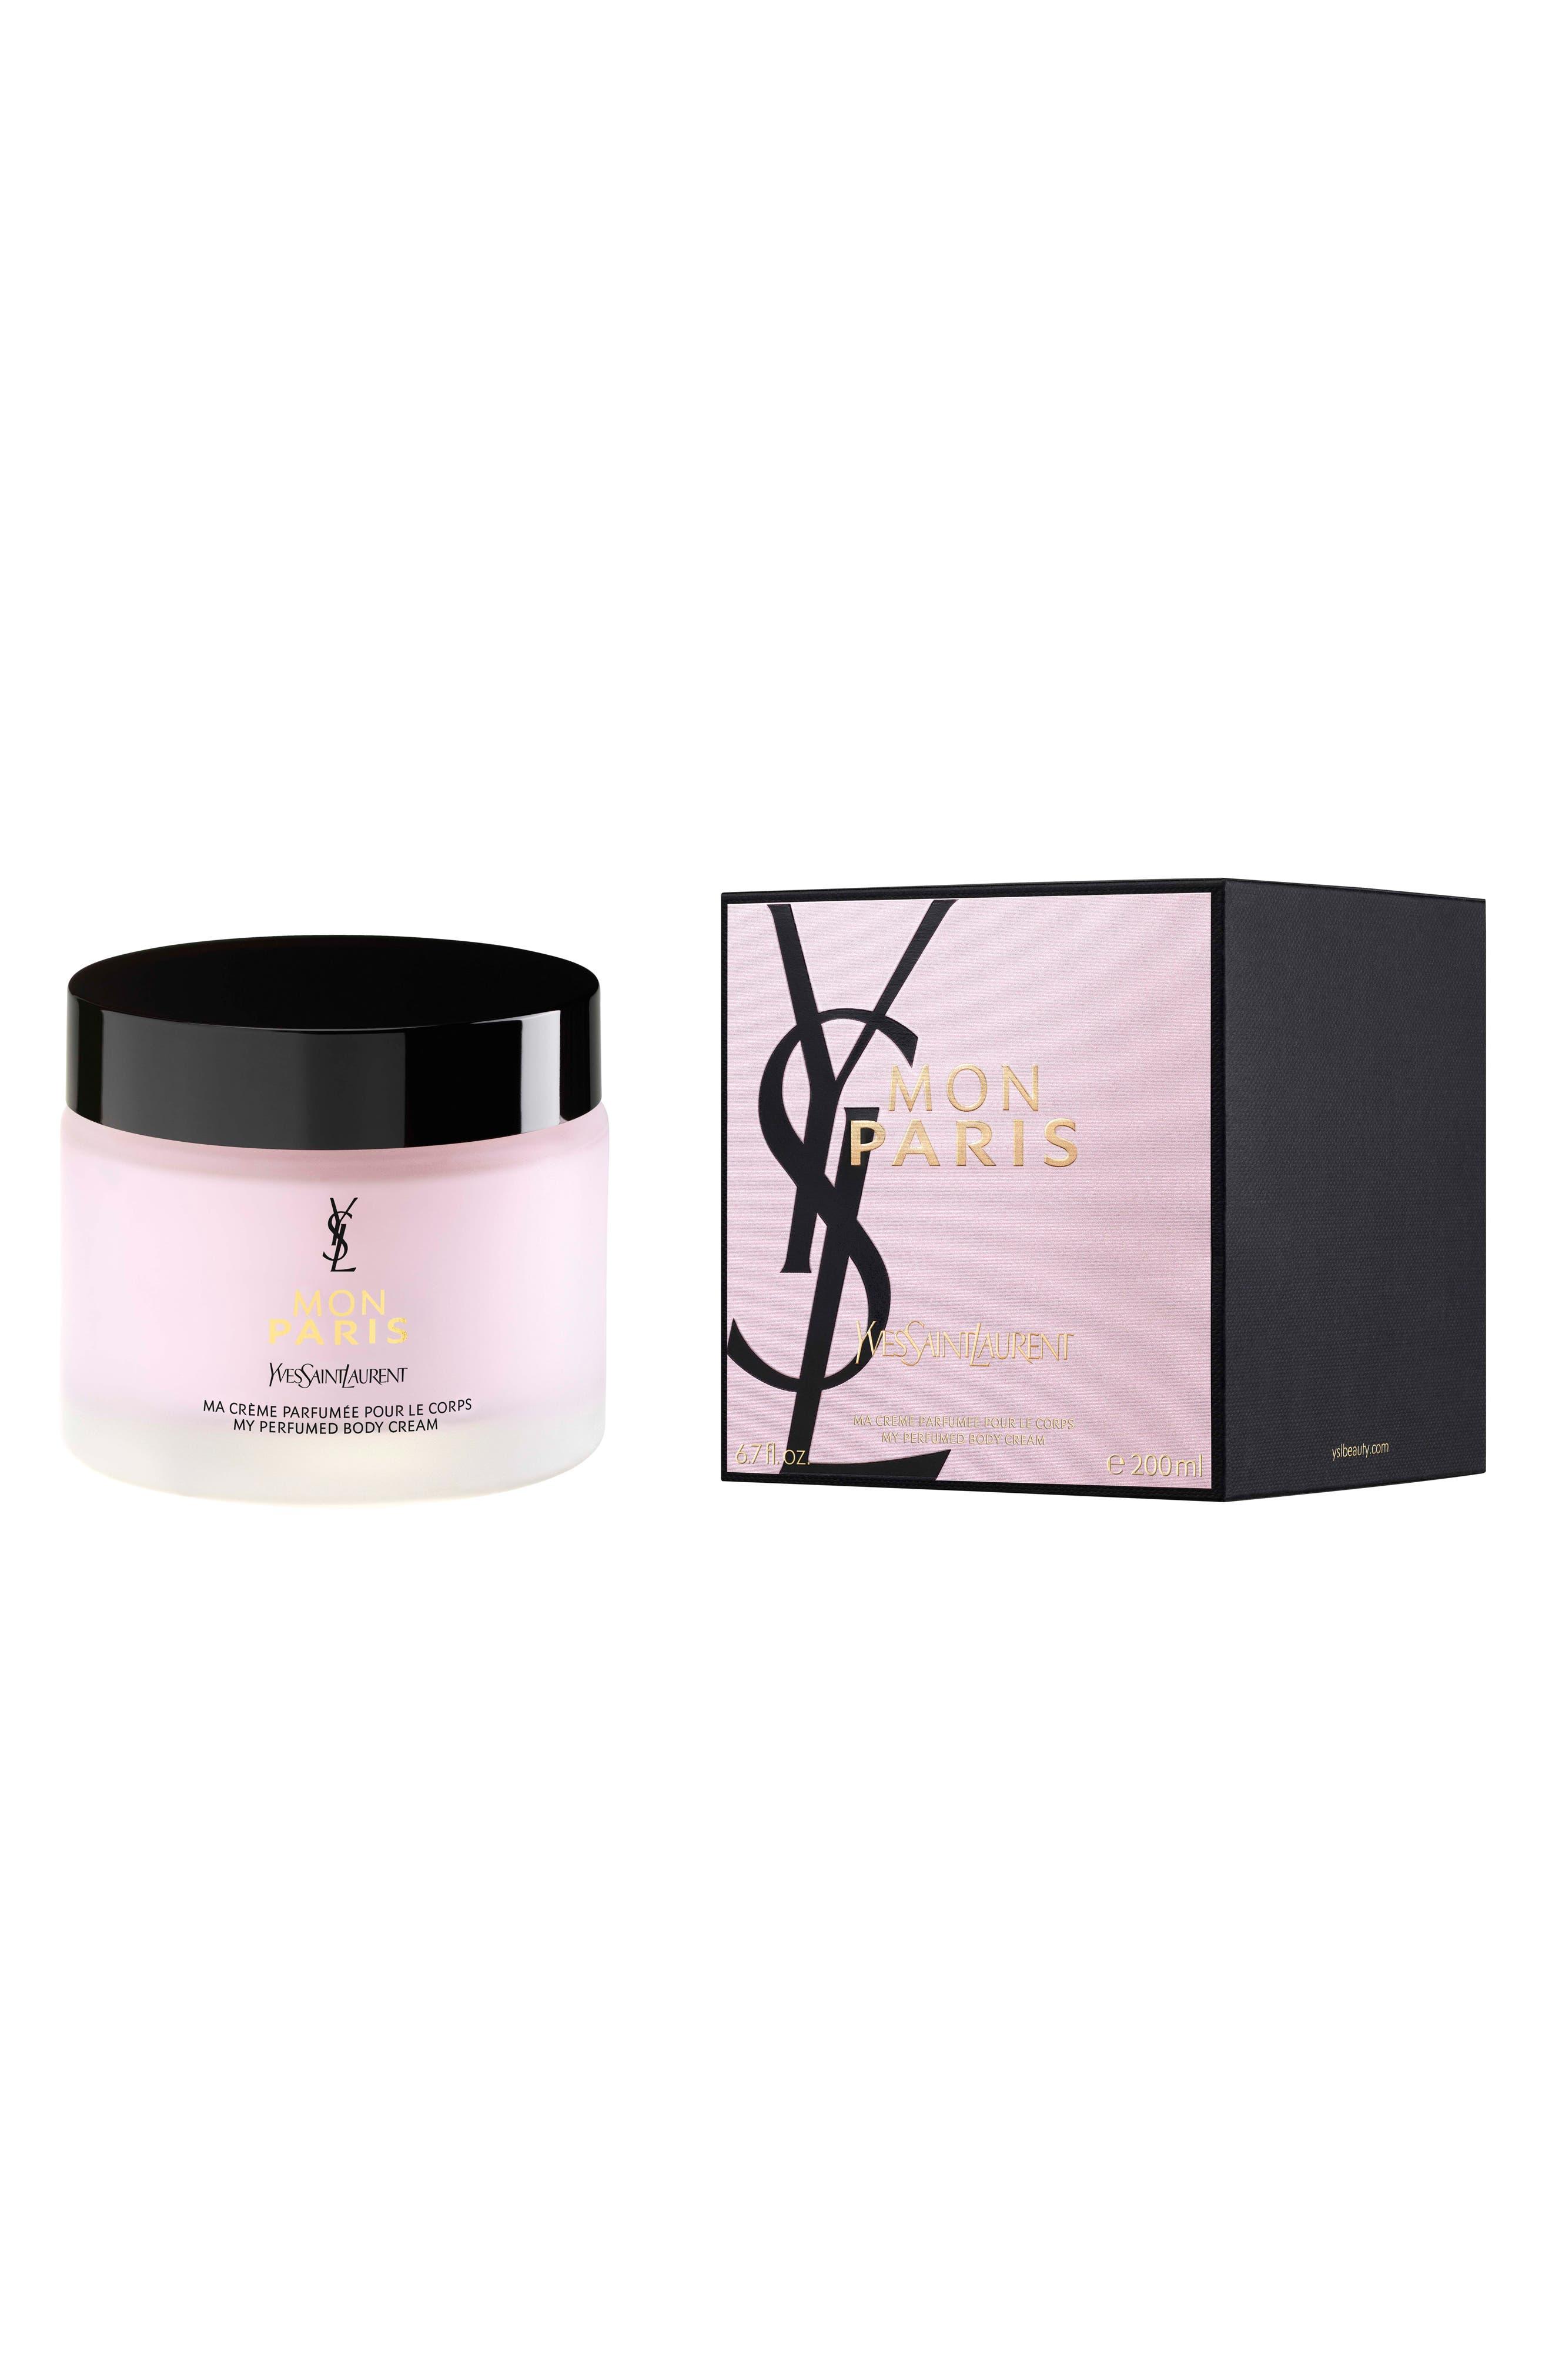 Main Image - Yves Saint Laurent Mon Paris Body Cream